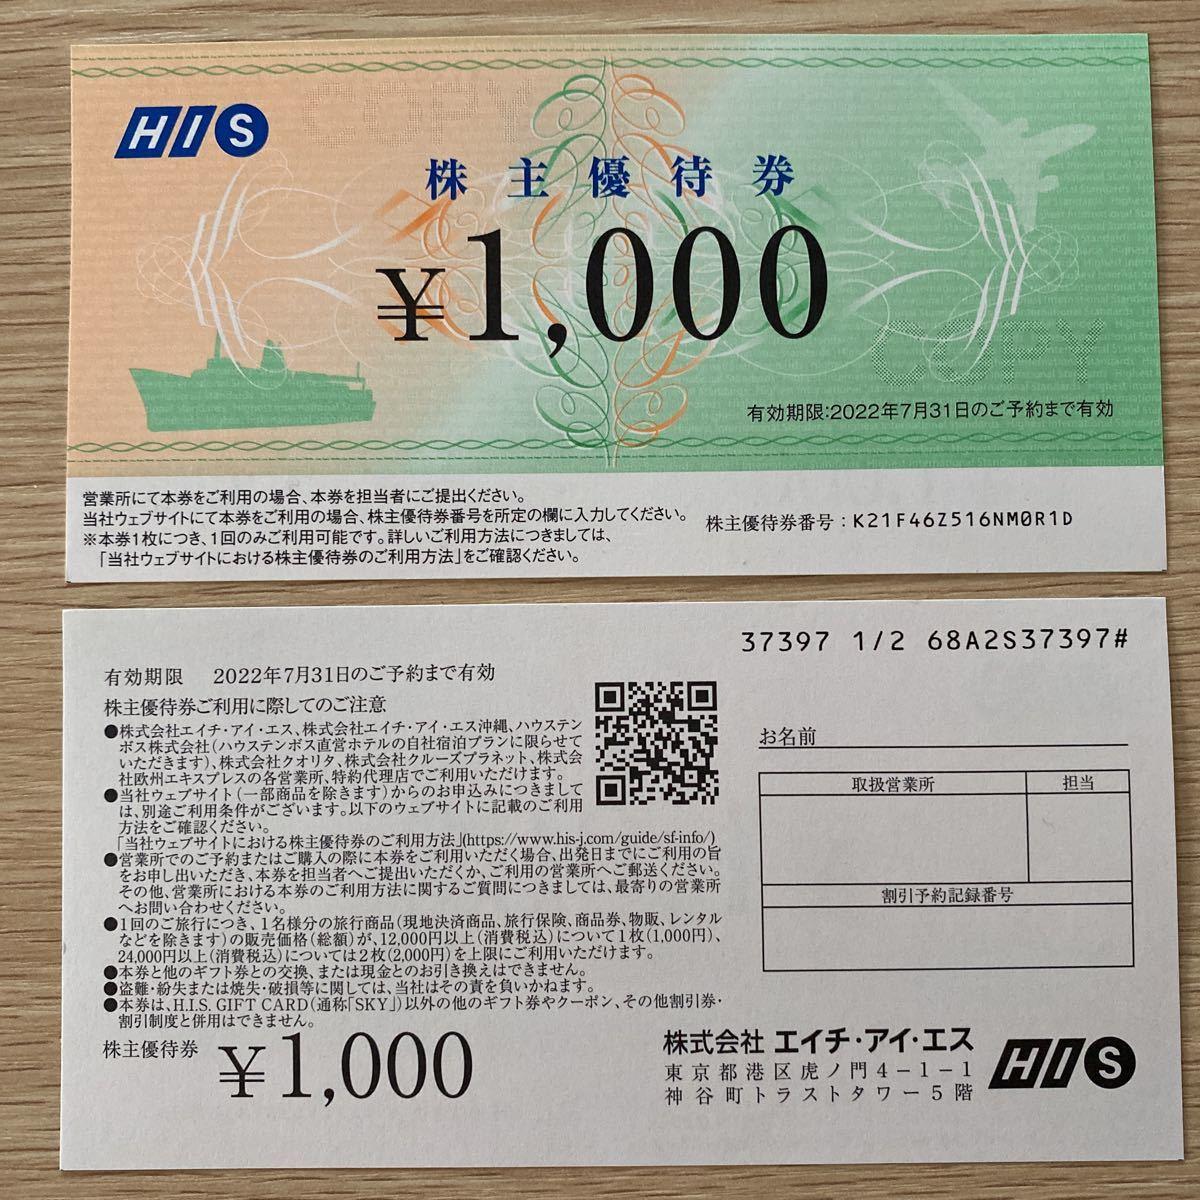 ◆HIS 株主優待券 1000円×2枚 有効期限 2022年7月31日_画像2